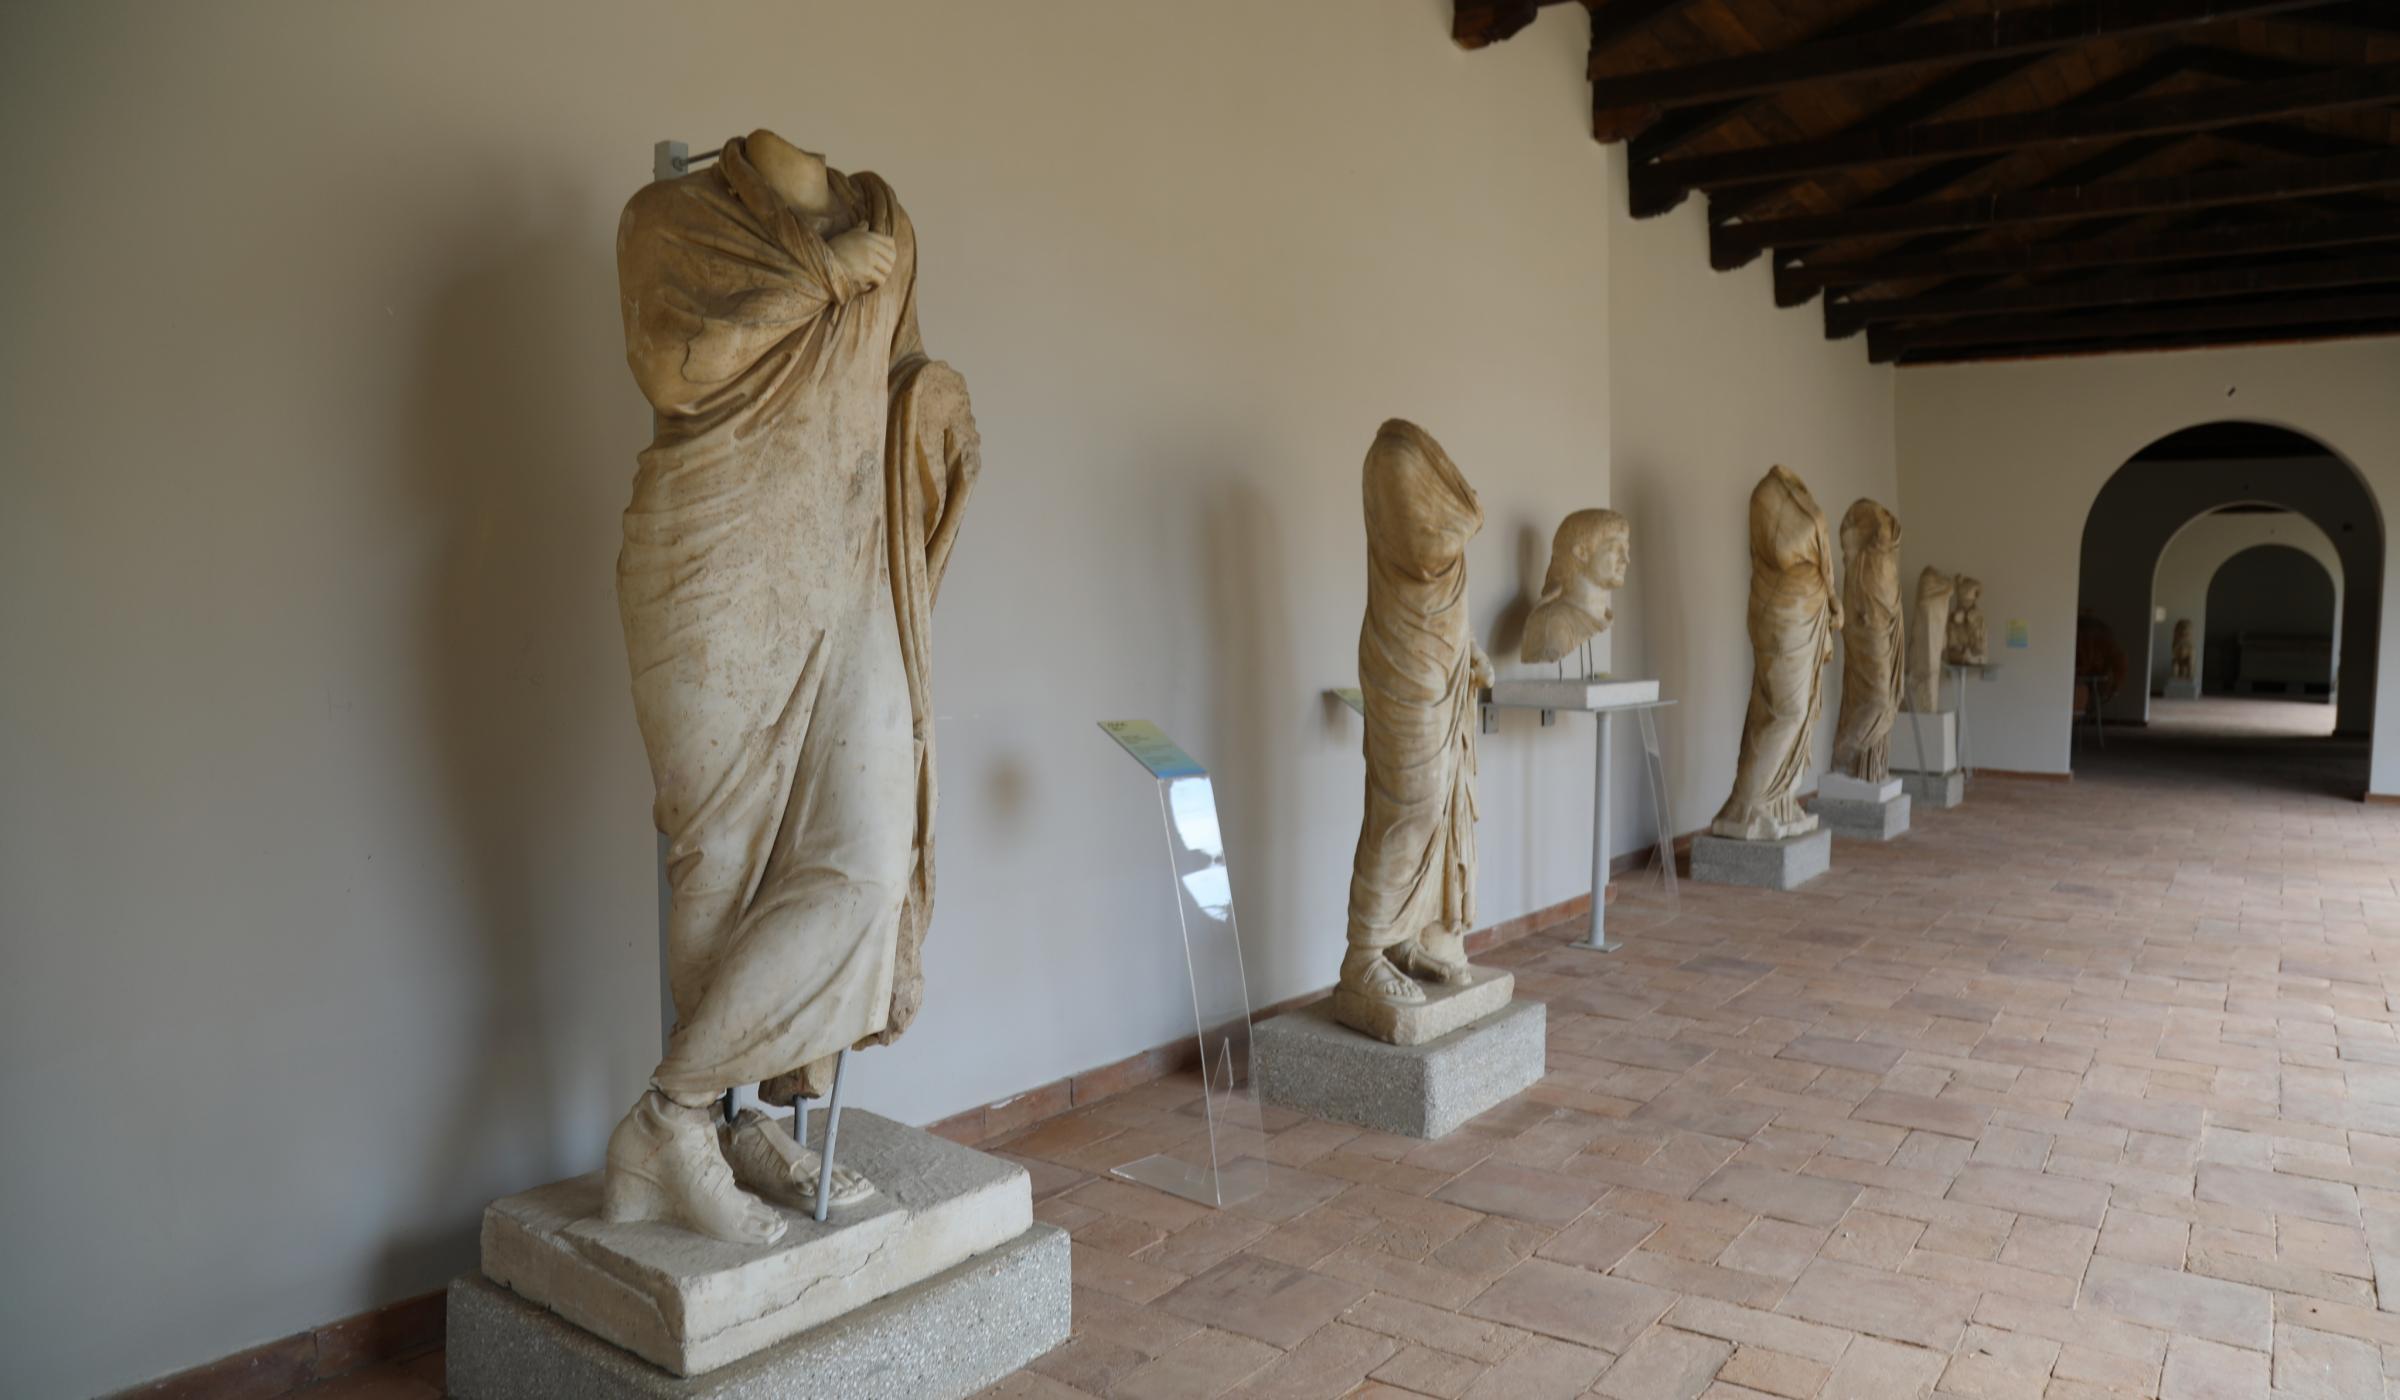 Explore the museum